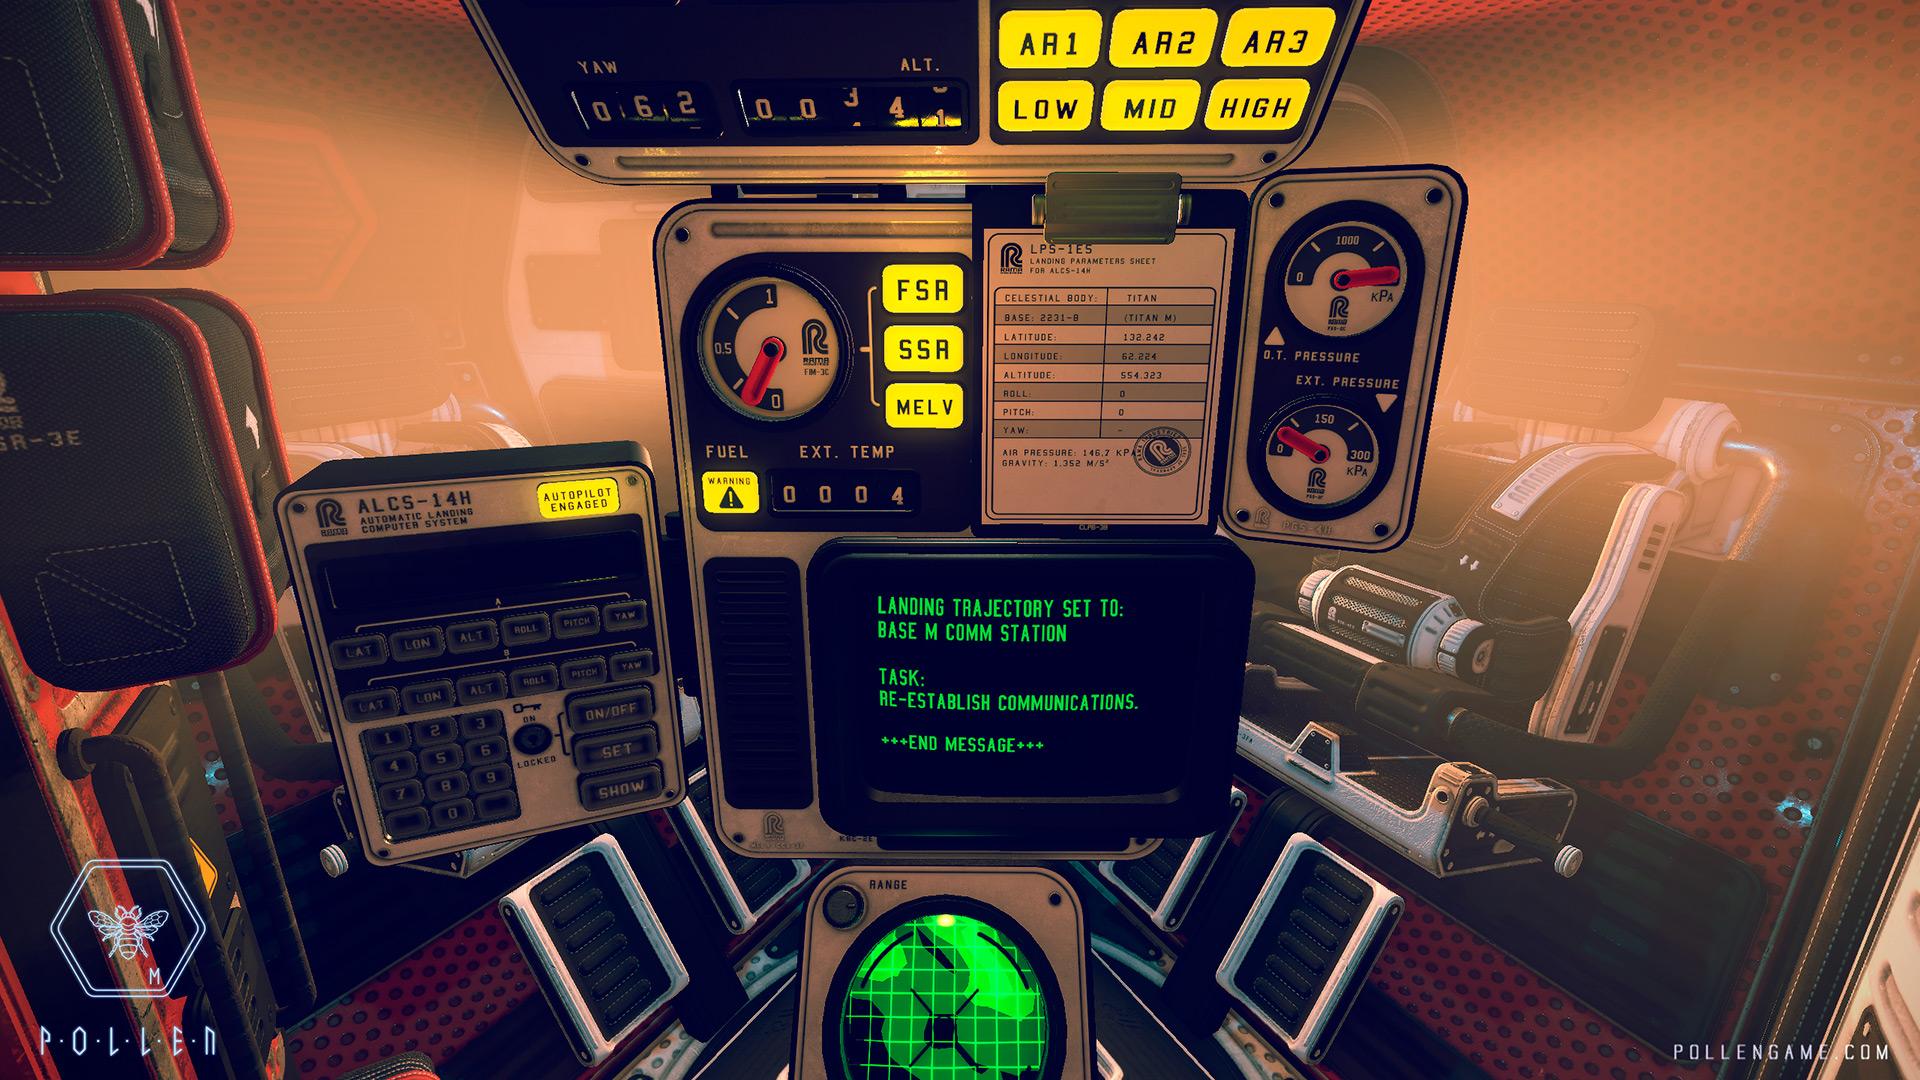 P·O·L·L·E·N screenshot 3